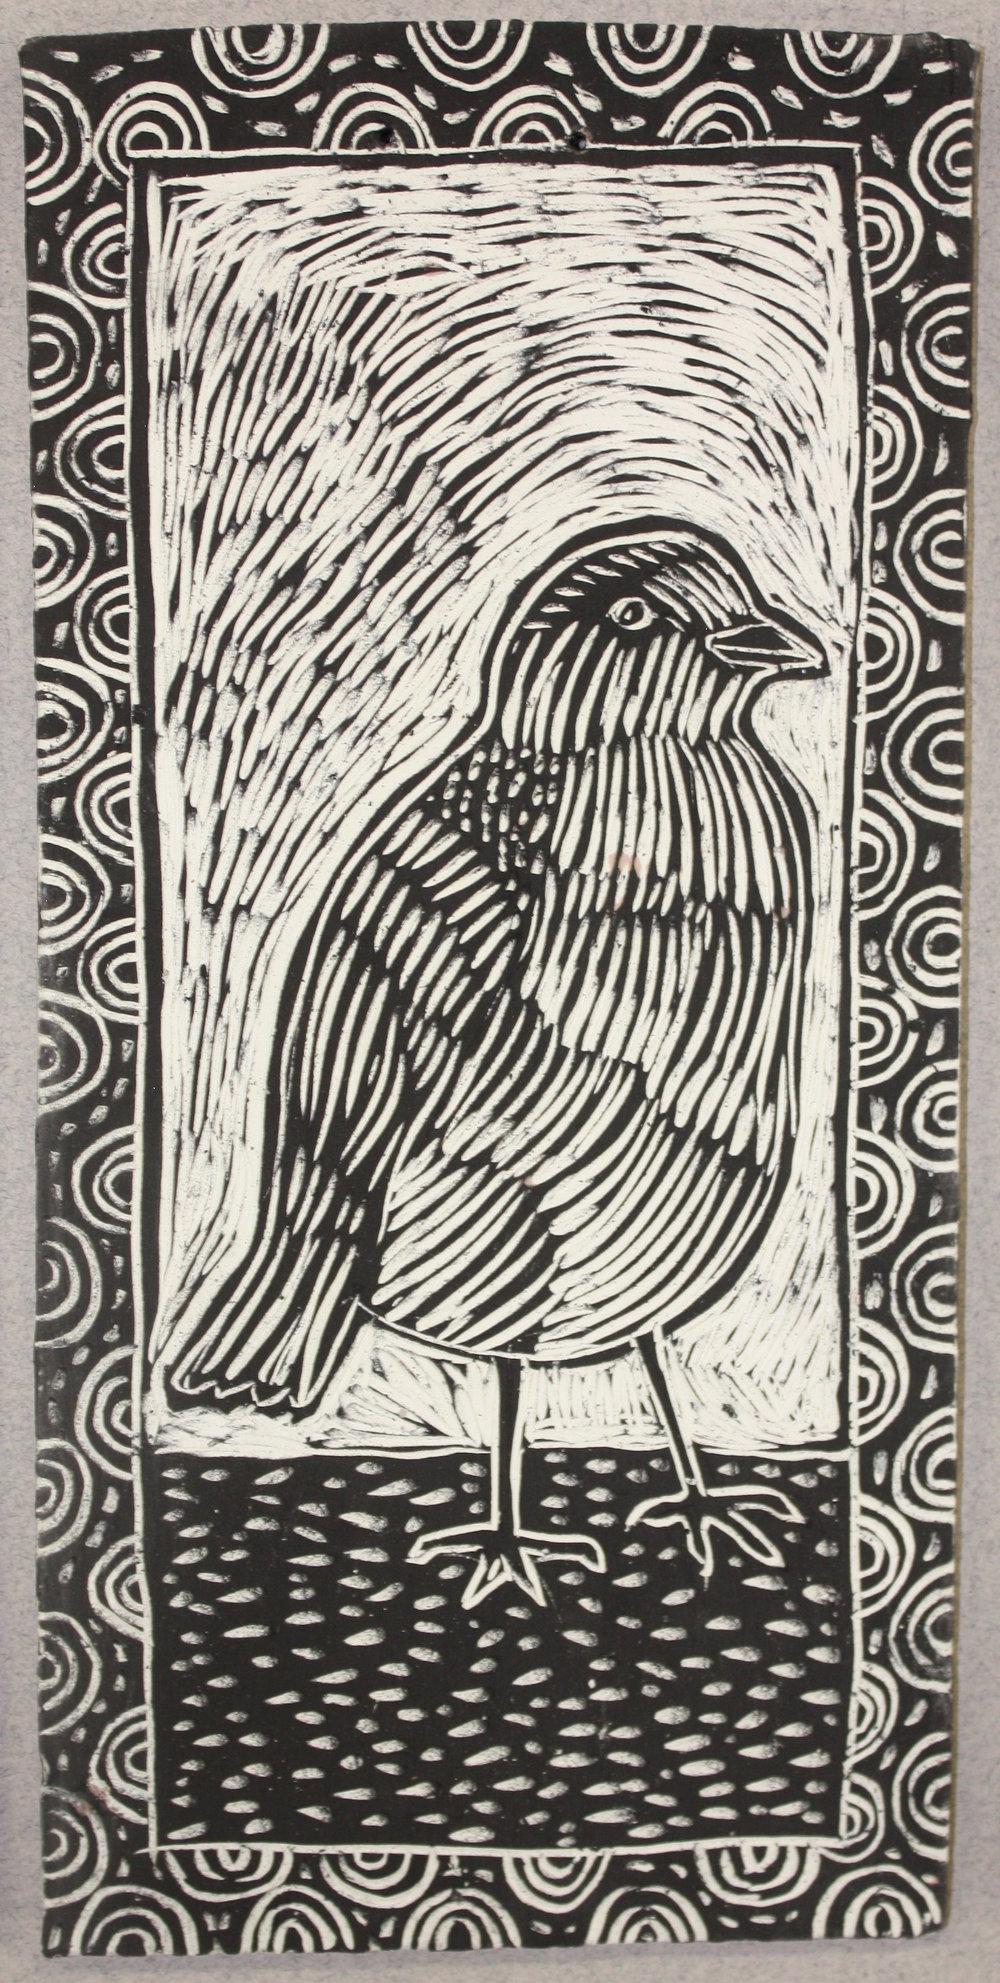 Bird, 2012